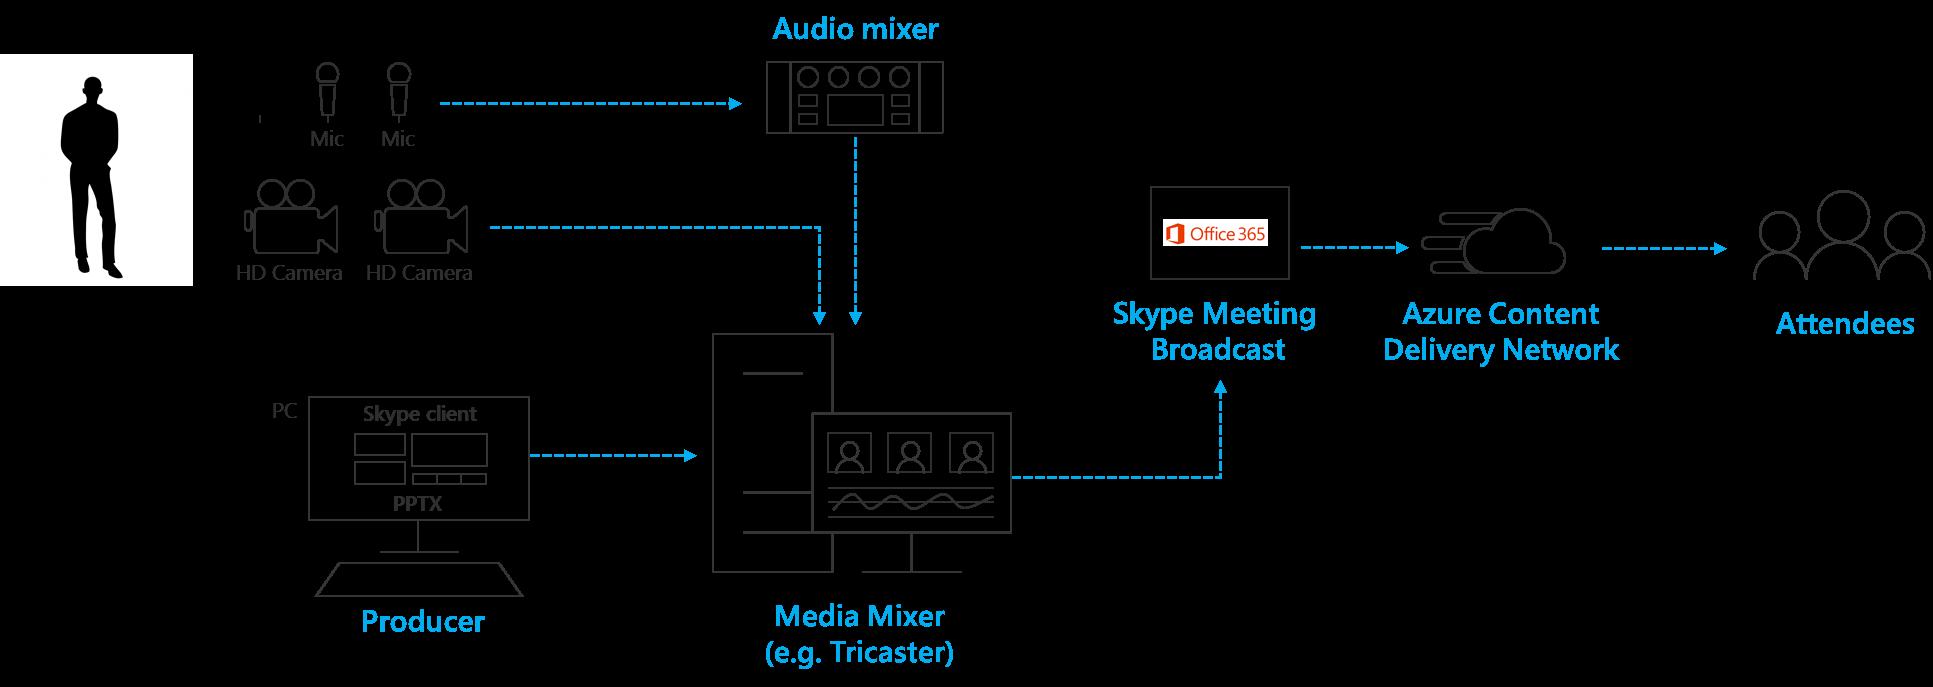 ハードウェアのビジョン ミキサーで複数のソースを切り替える